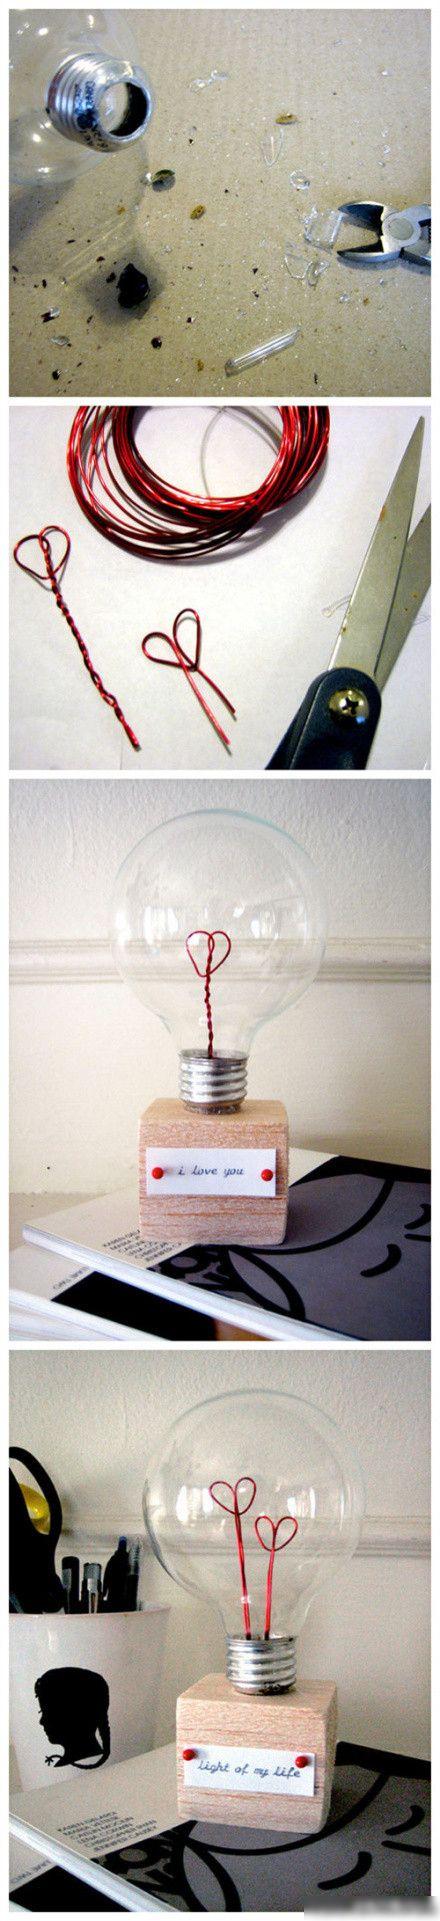 DIY Valentine gift idea